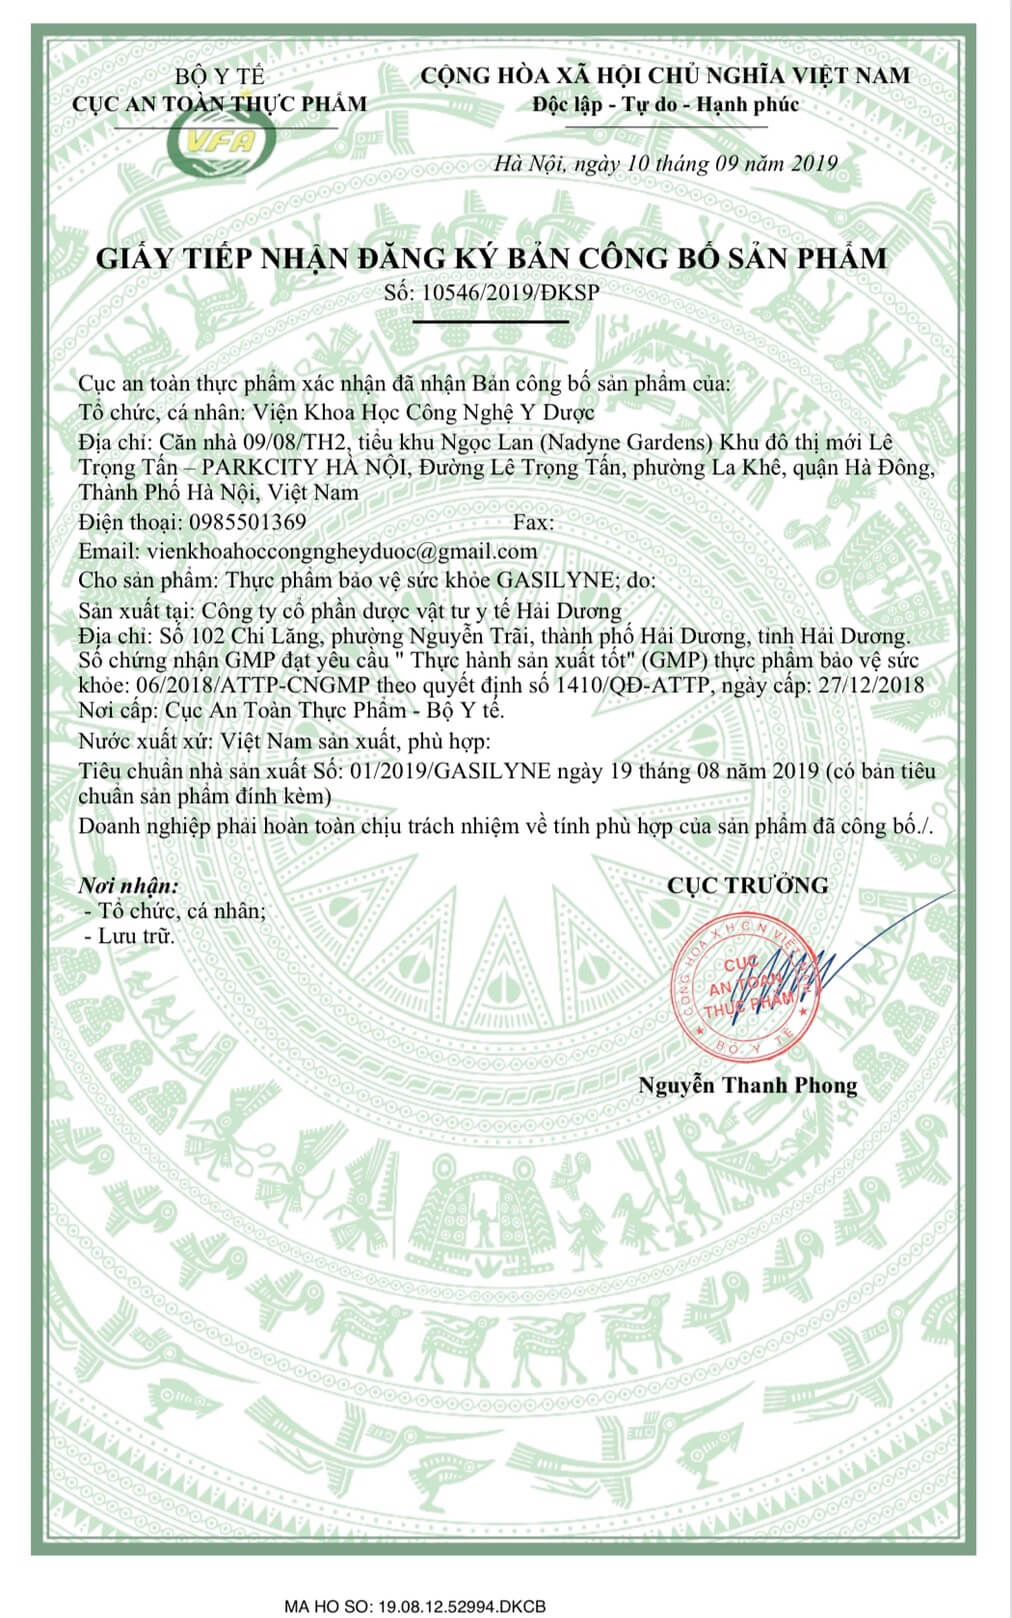 Gasilyne - giấy công bố sản phẩm